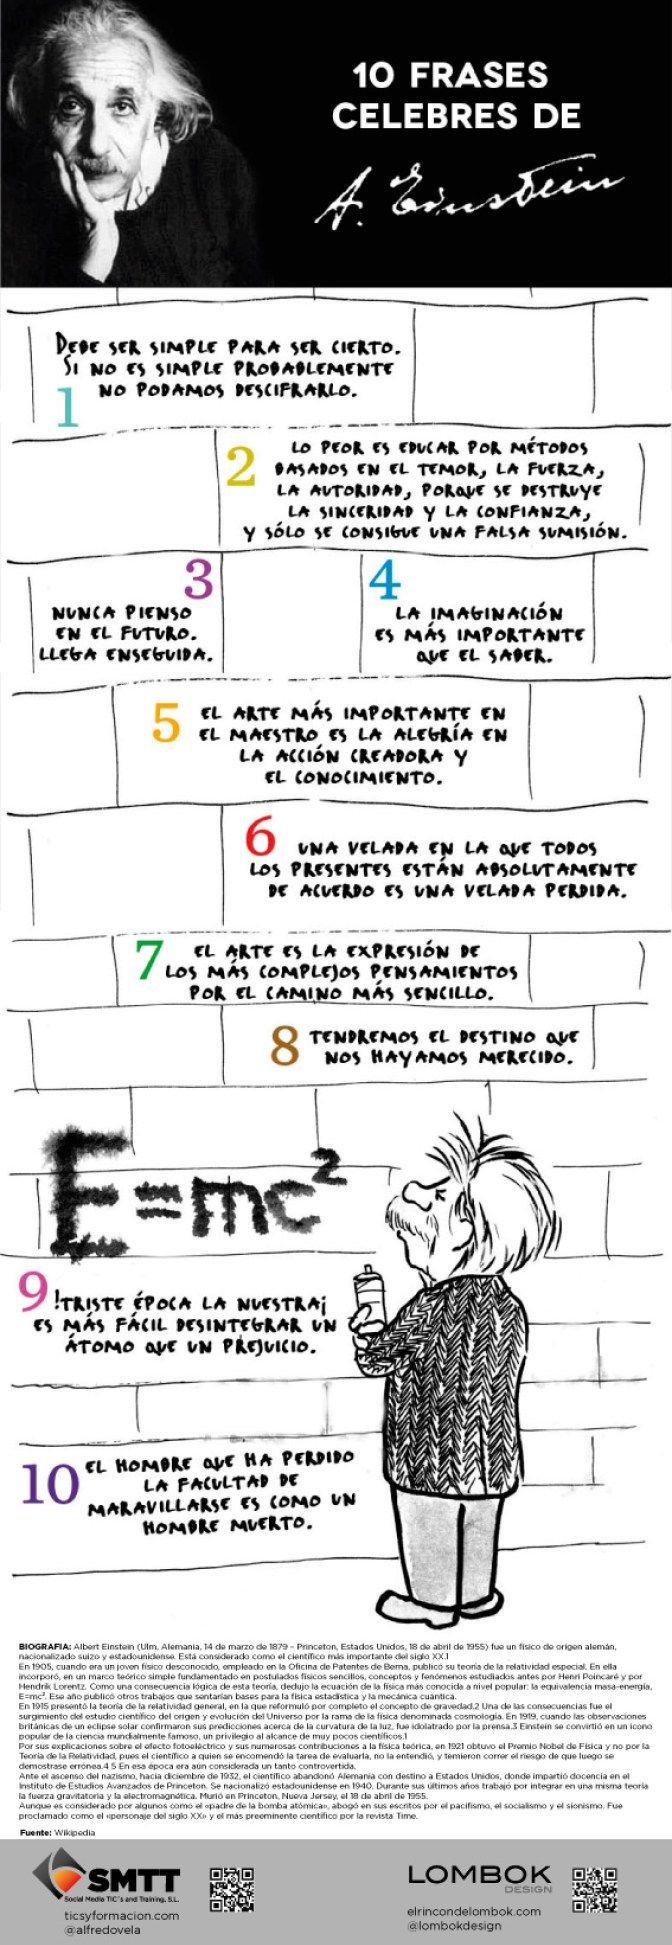 10 frases célebres de Einstein